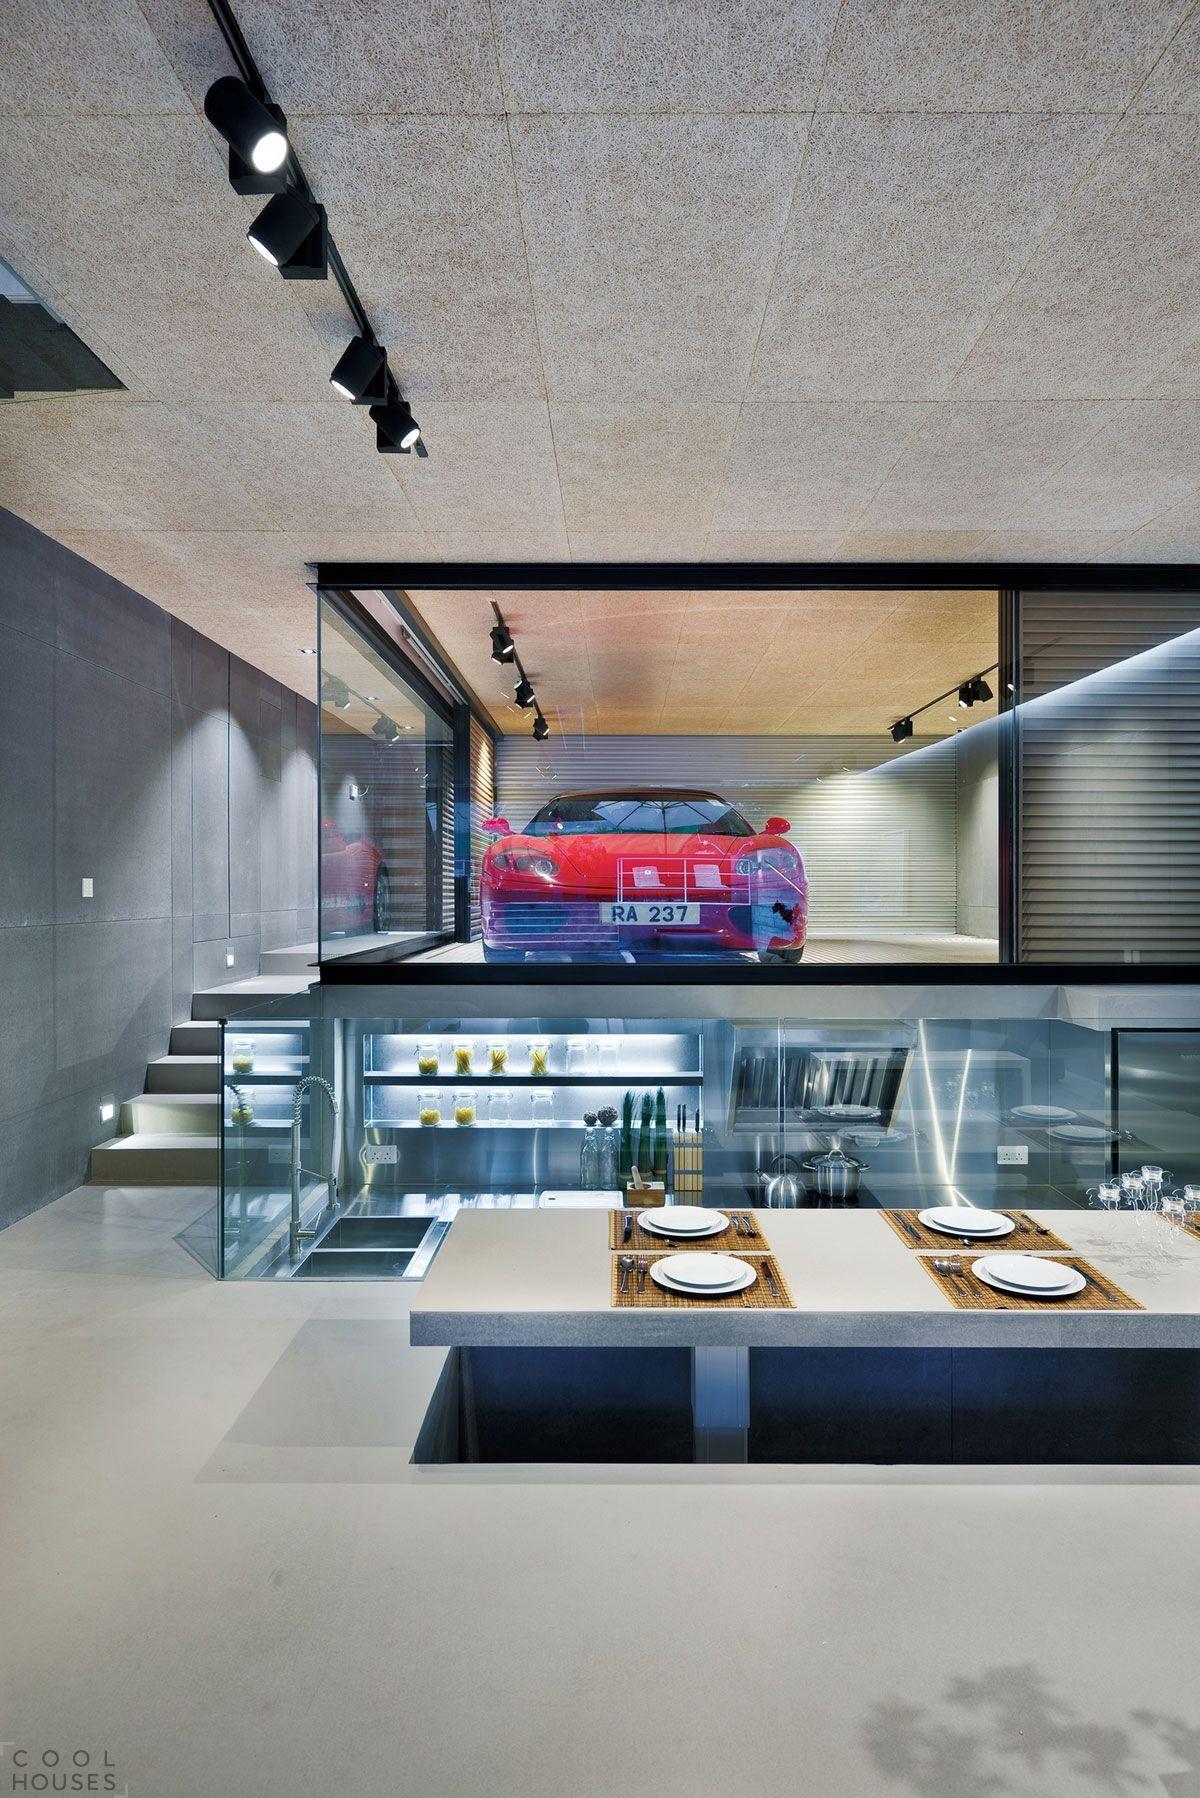 Hong Kong: hoe parkeer je een Ferrari in de huiskamer… | Asian ...